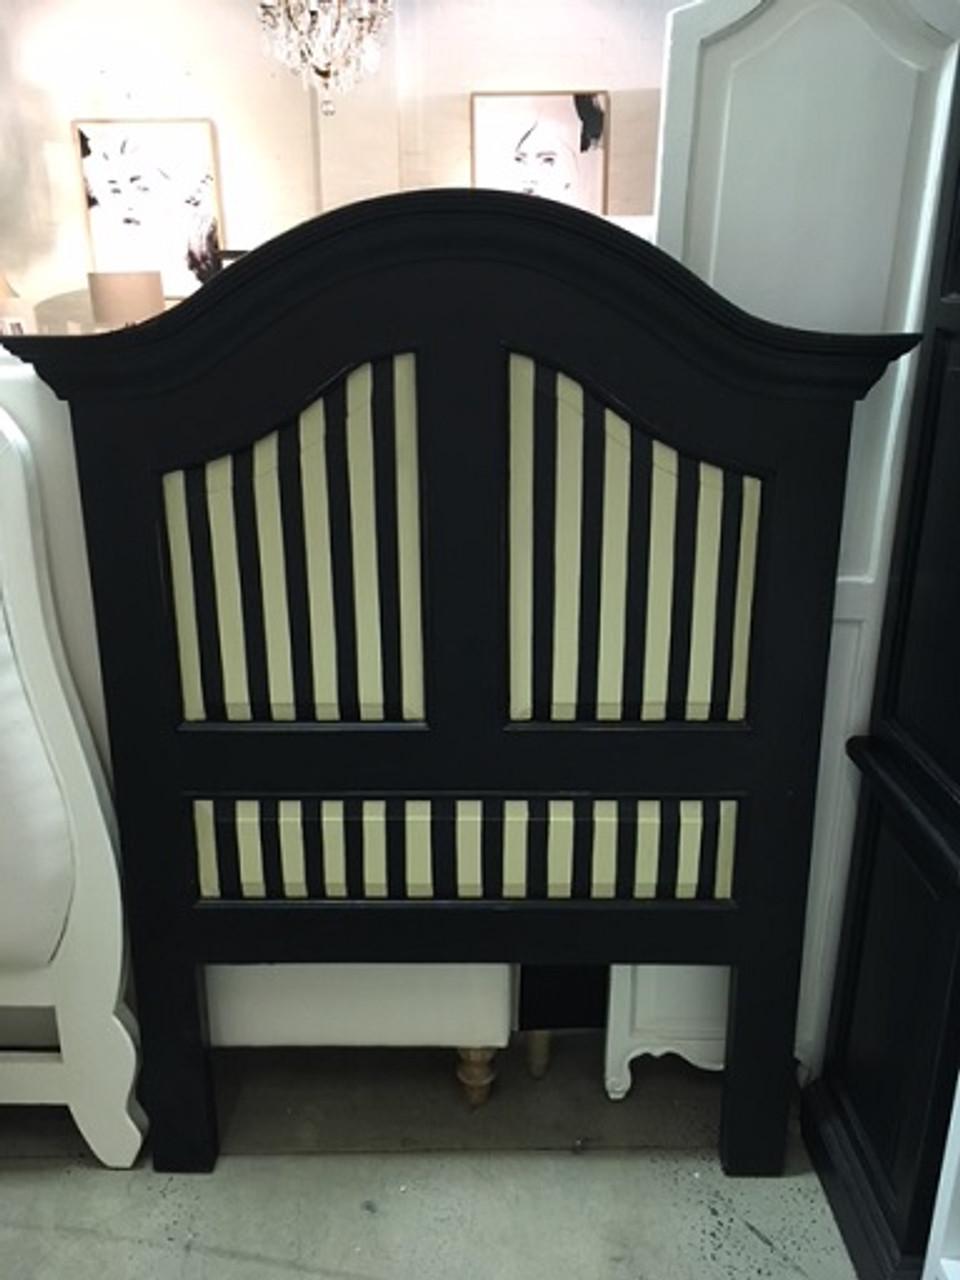 Provence Twin Headboard Size 155h X 117w X 13d Cm Furniture Bedroom Bedhead